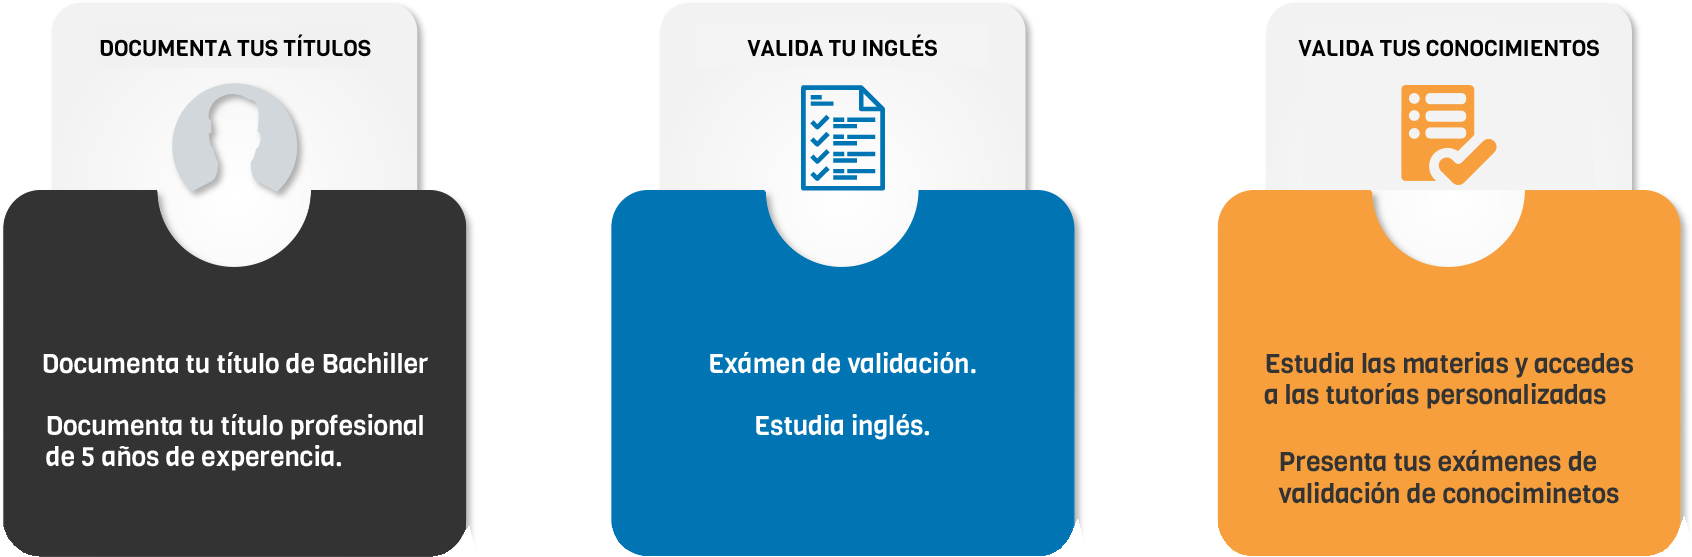 Como es el proceso de validación